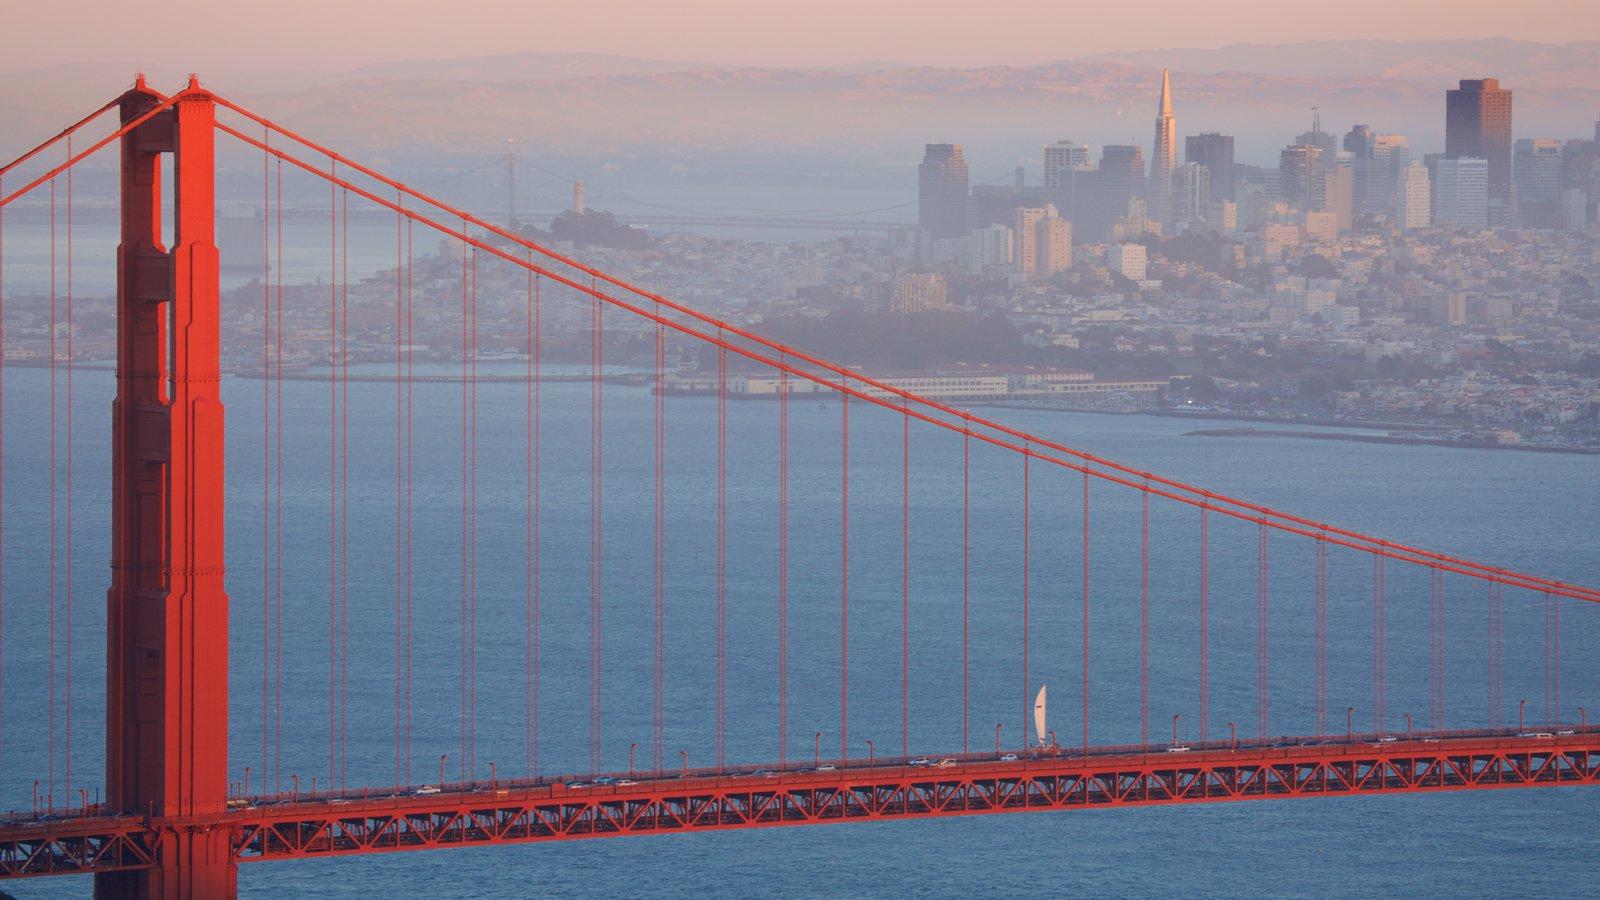 Norte da Califórnia mostrando uma cidade, uma baía ou porto e uma ponte